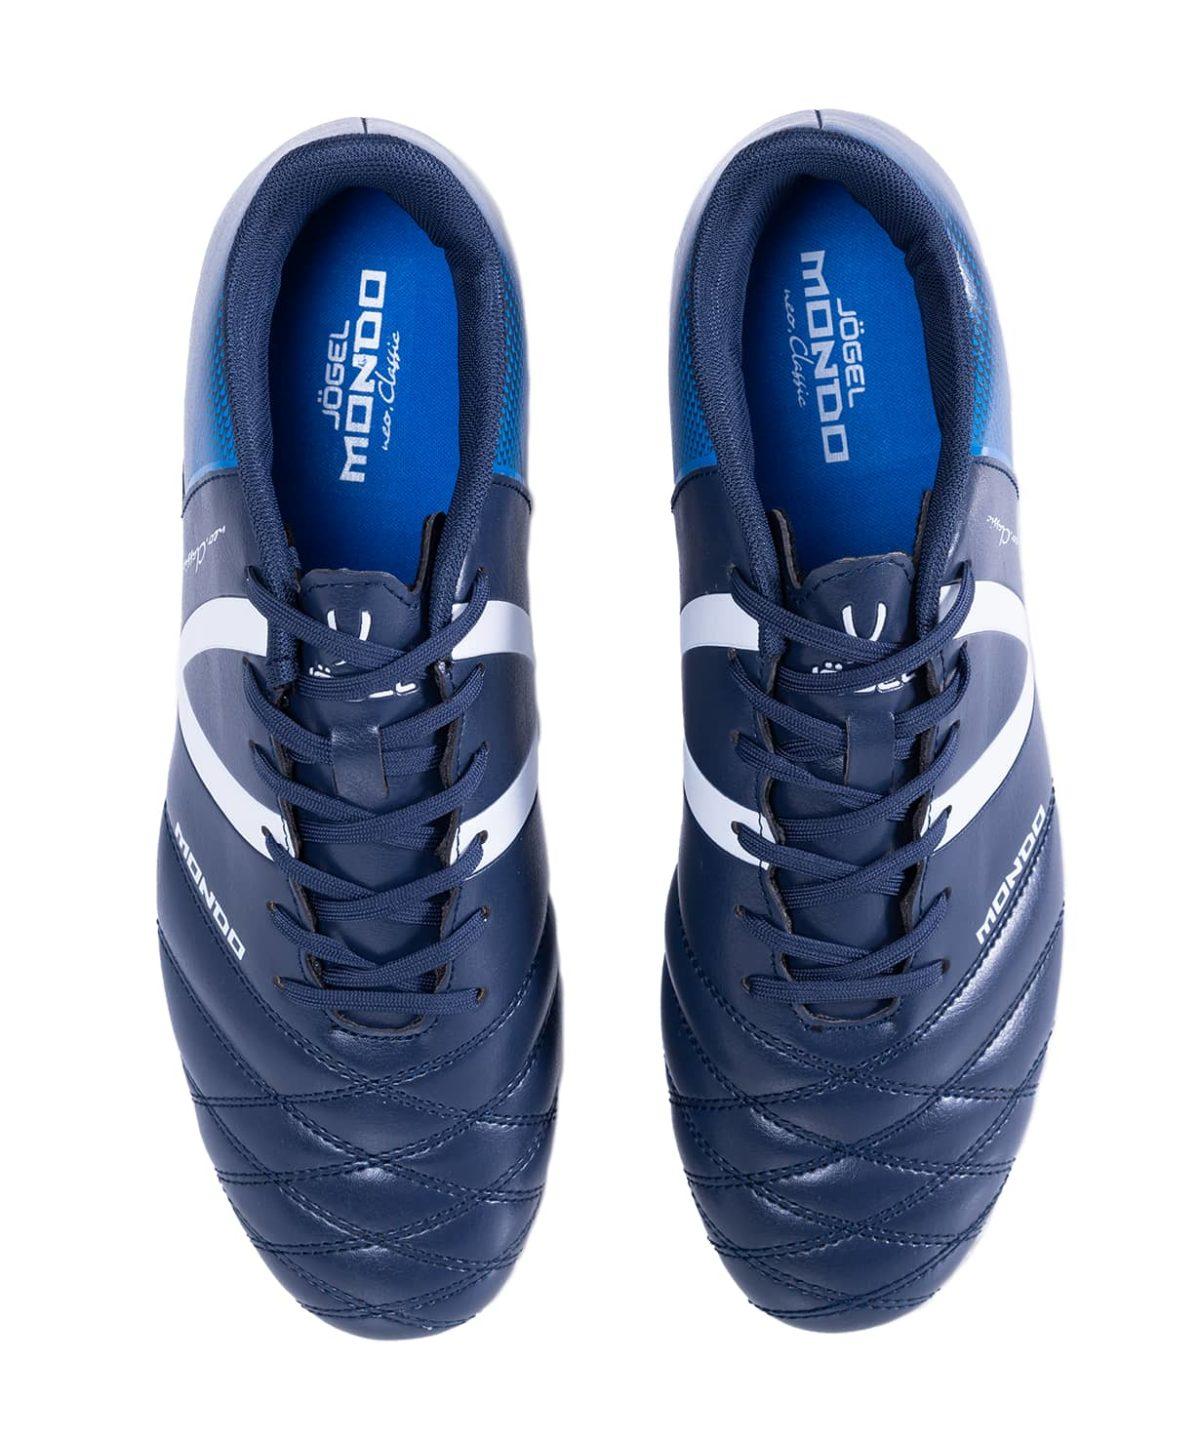 JOGEL Бутсы футбольные Mondo (39-40)  JSH402-Y: темно-синий - 3